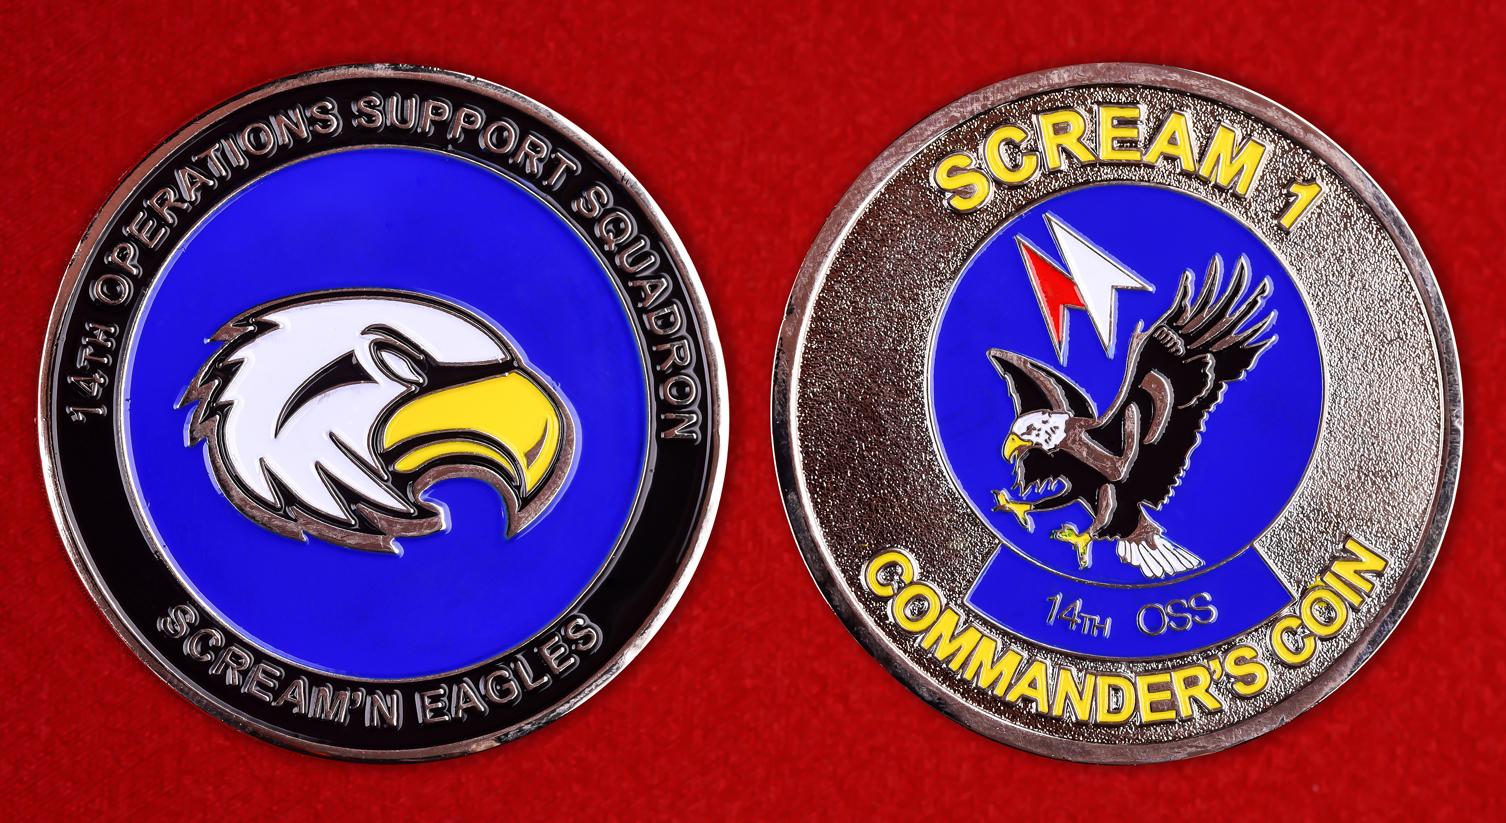 Командирская монета 14-й эскадрильи обеспечения полетов ВВС США